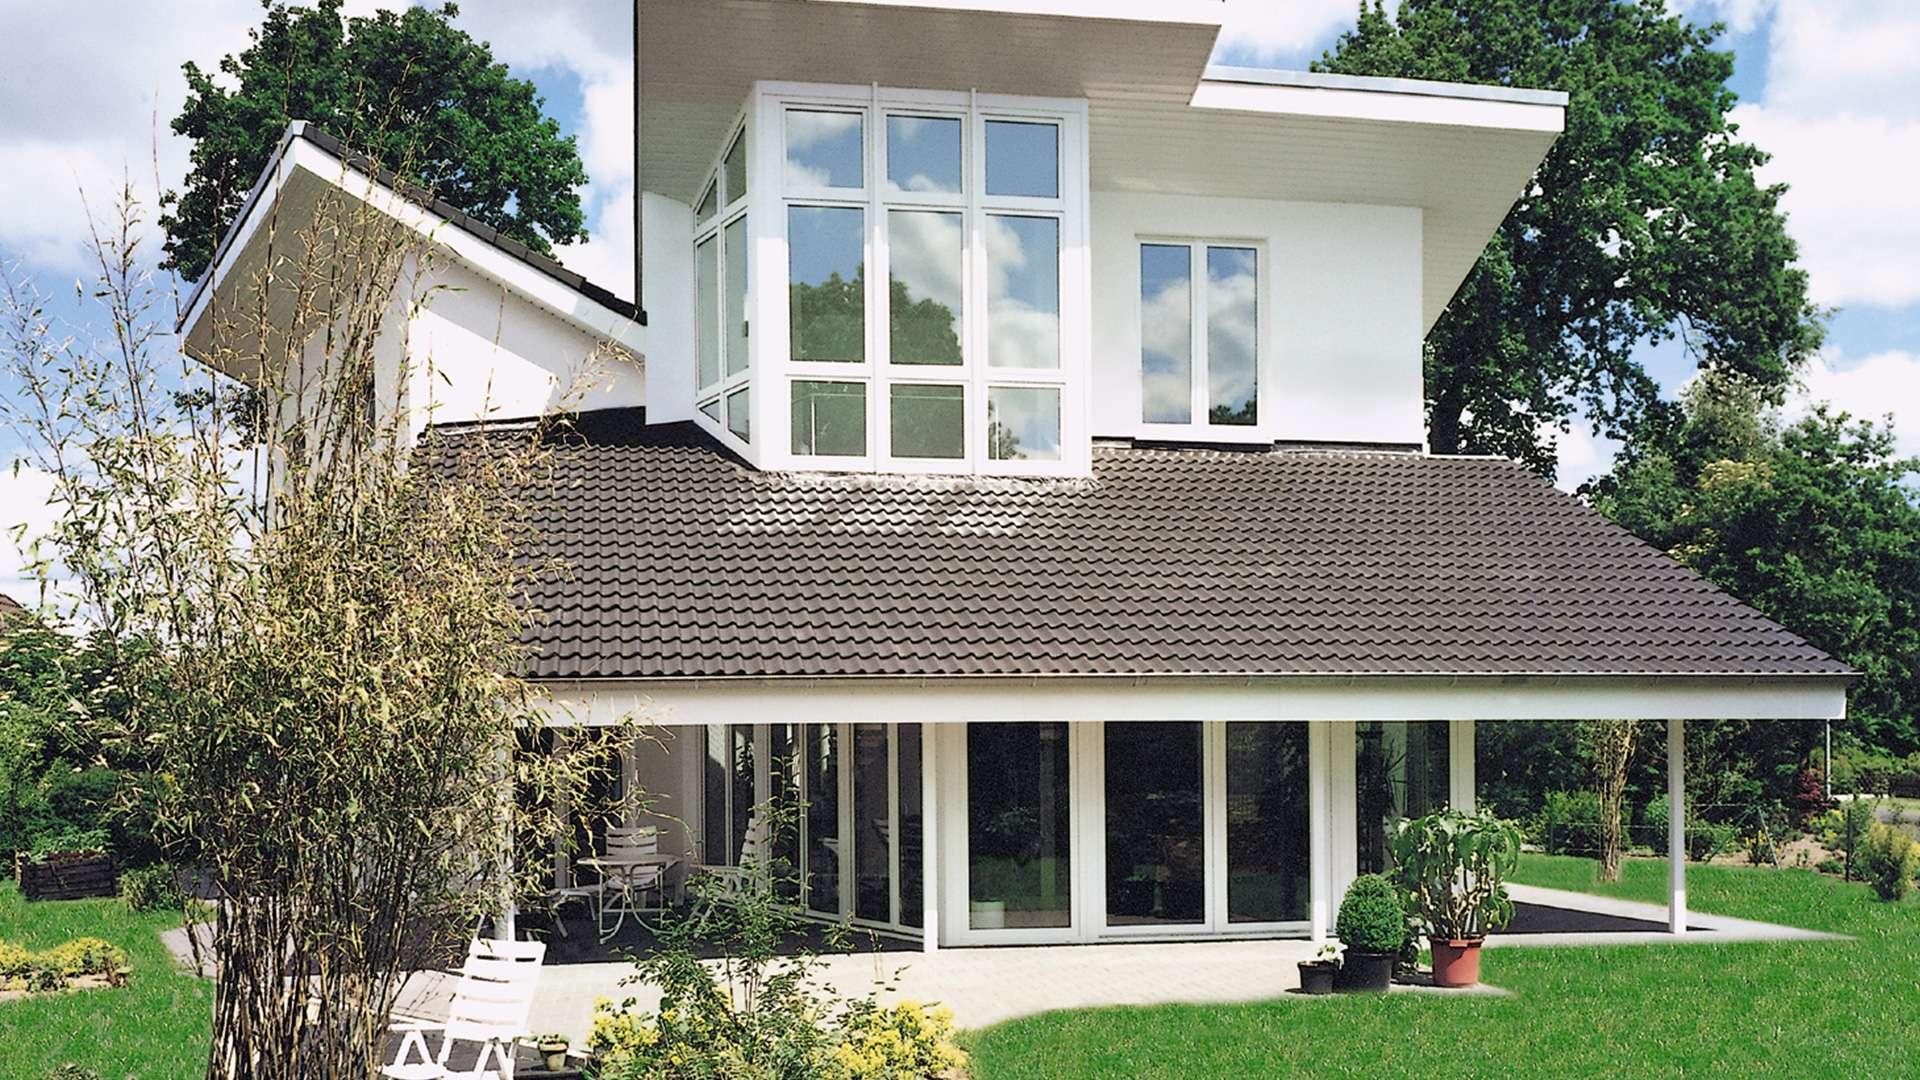 Modernes Haus mit vielen bodentiefen Fenstern